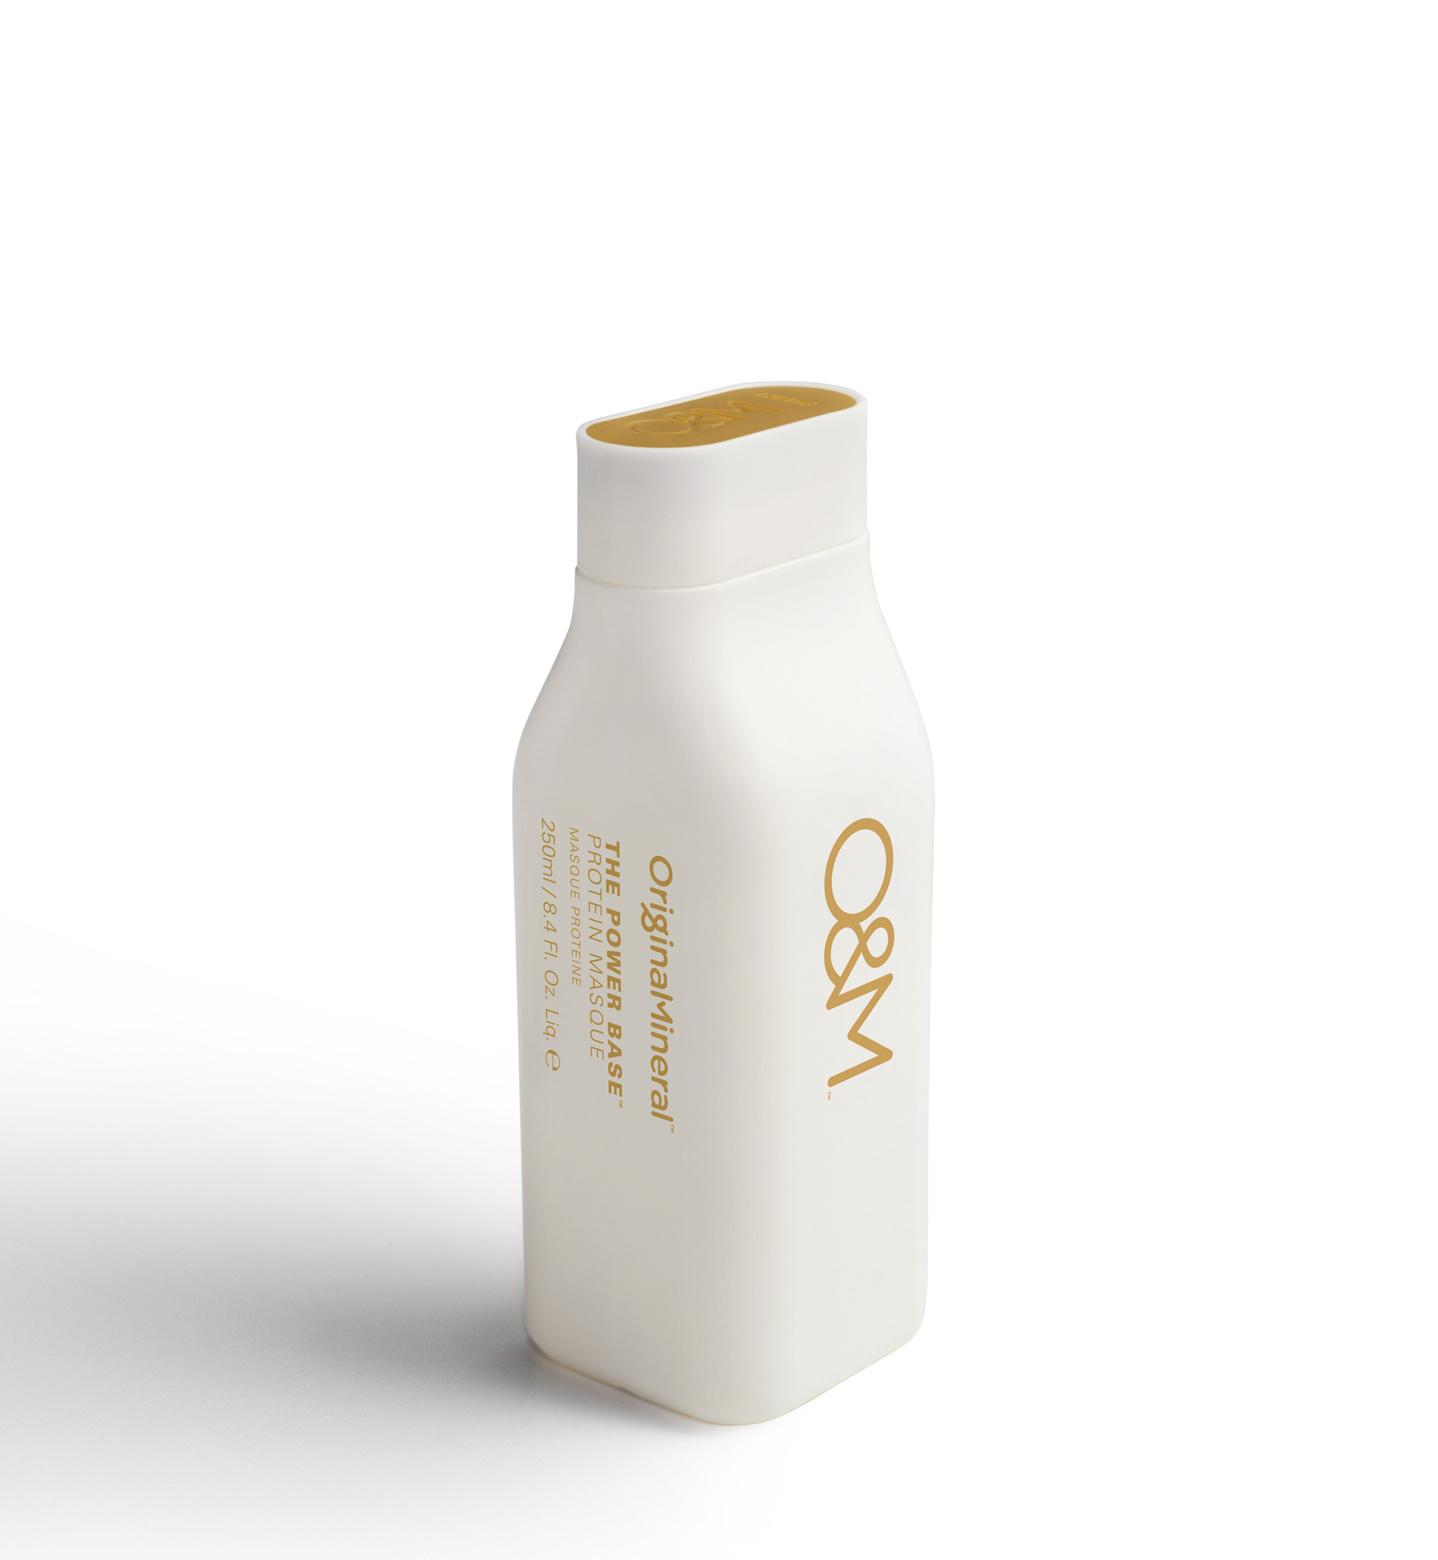 O&M - Original Mineral O&M The Power Base Protein Masque - Le Masque protéiné Power Base - 250ml